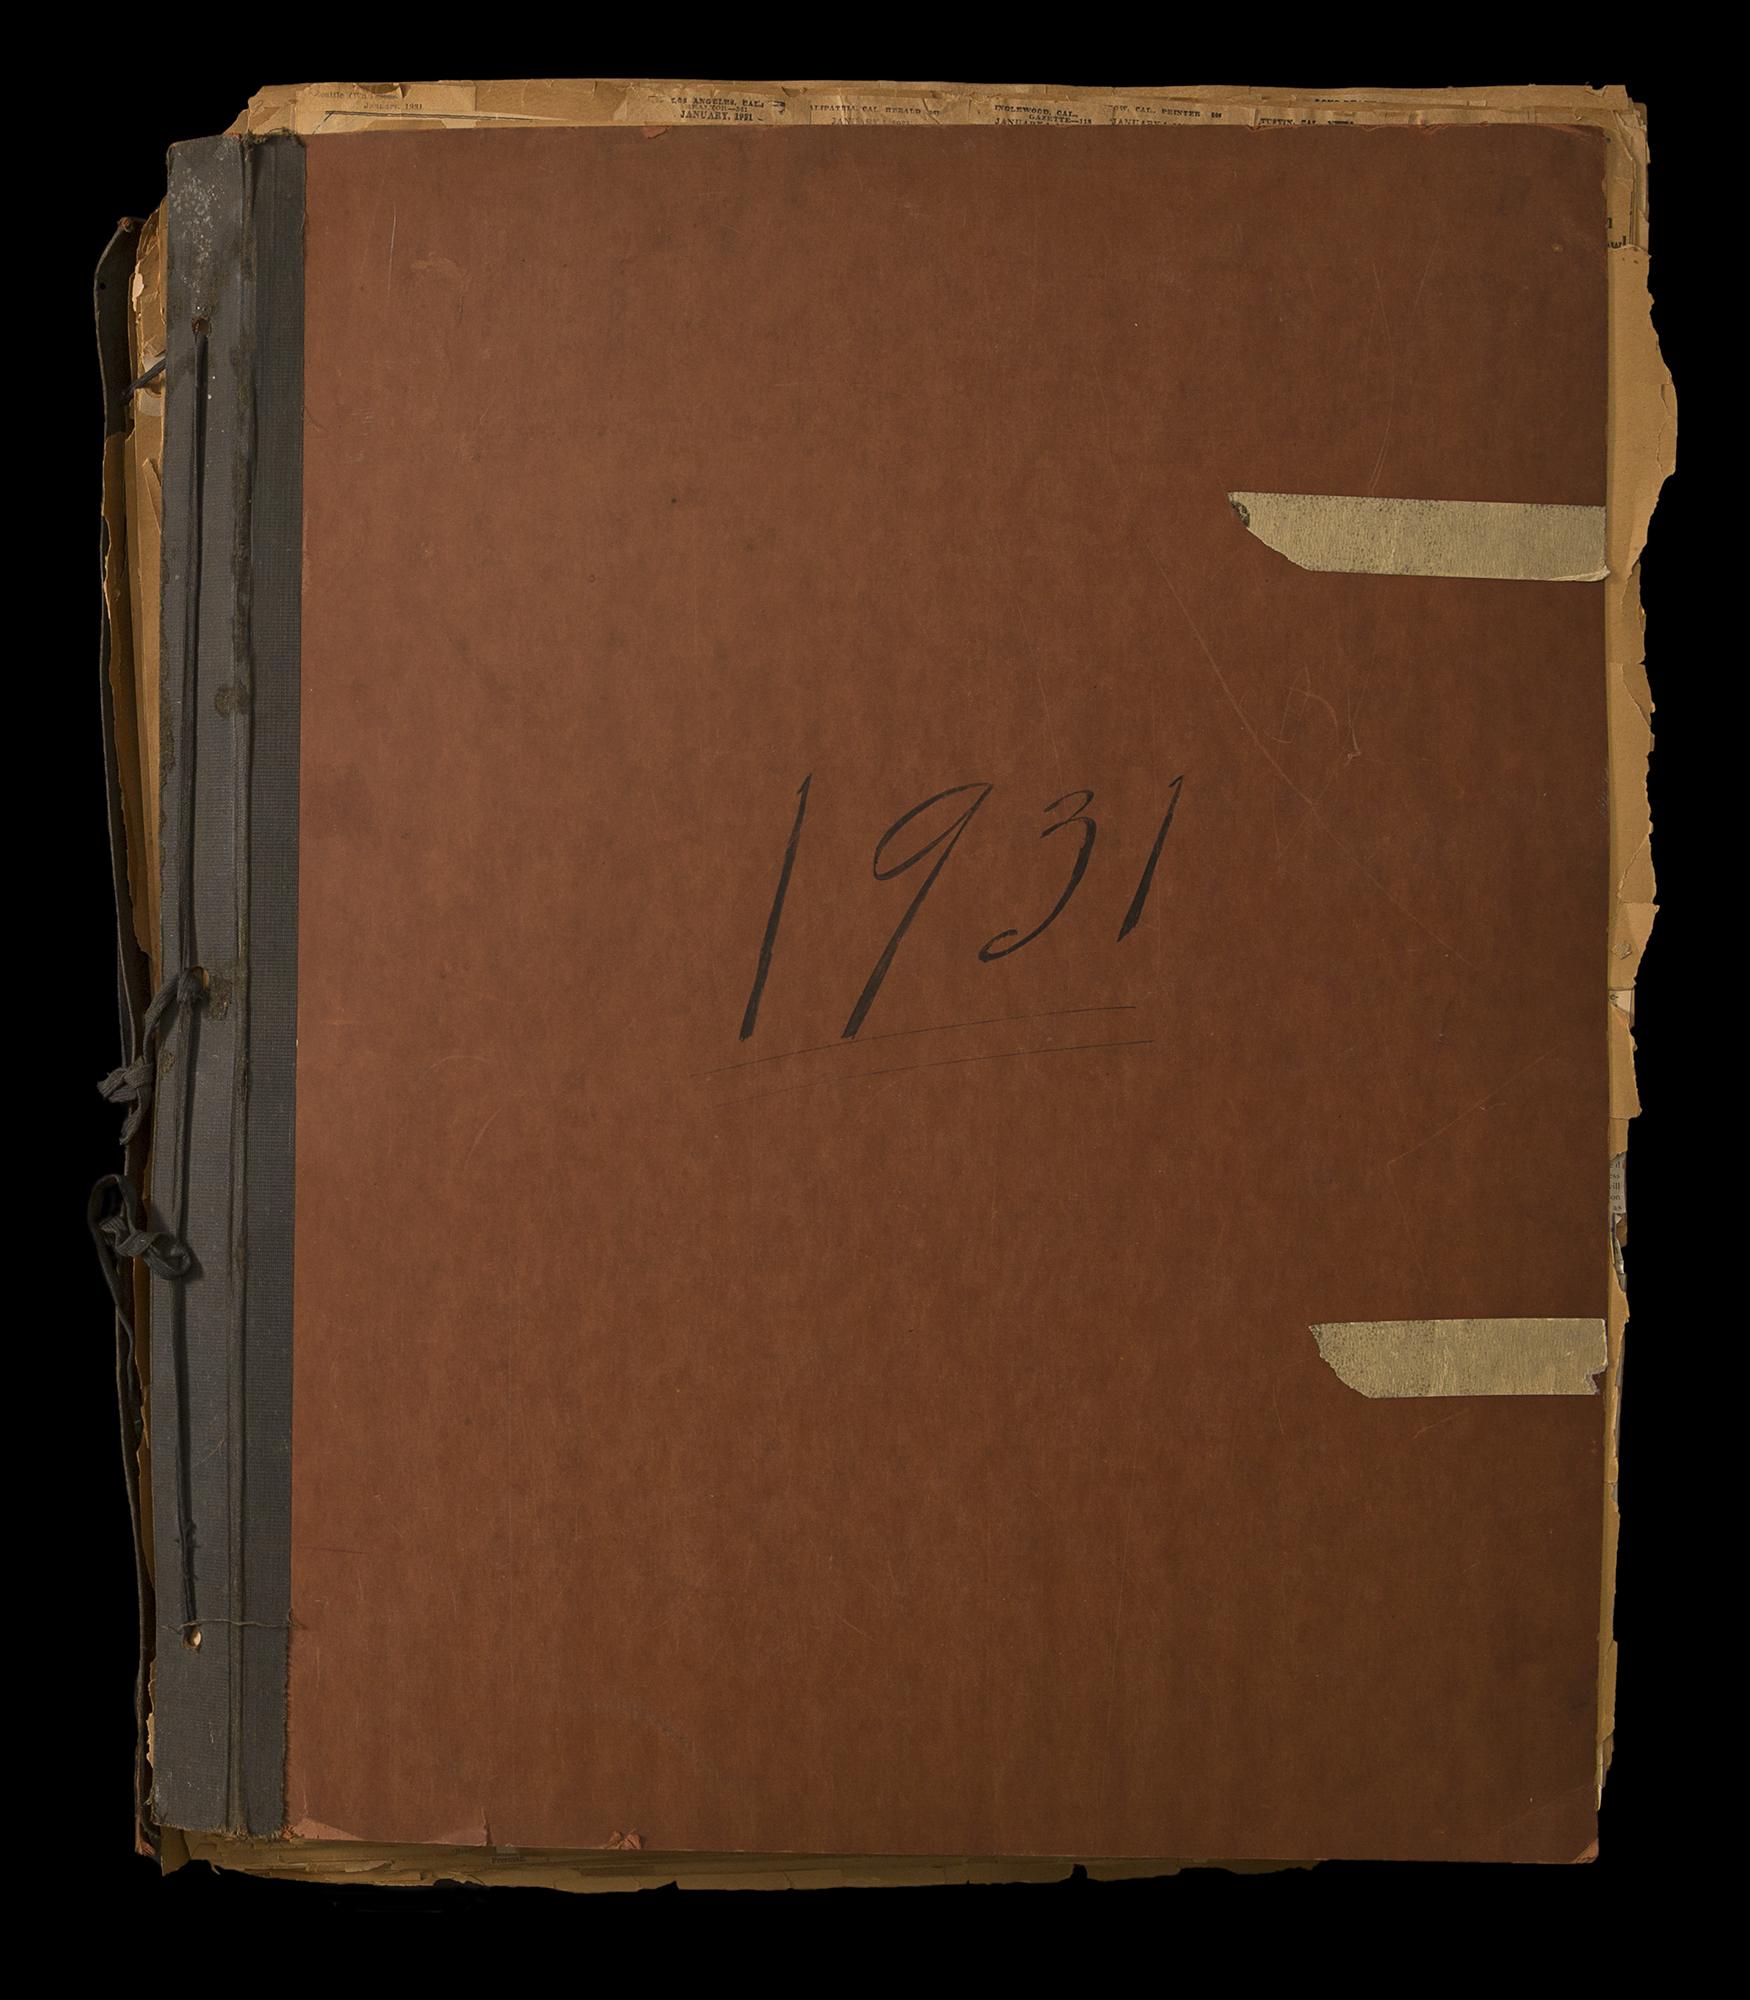 HBVolunteerScrapbook_Cover_B0700_1931.jpg